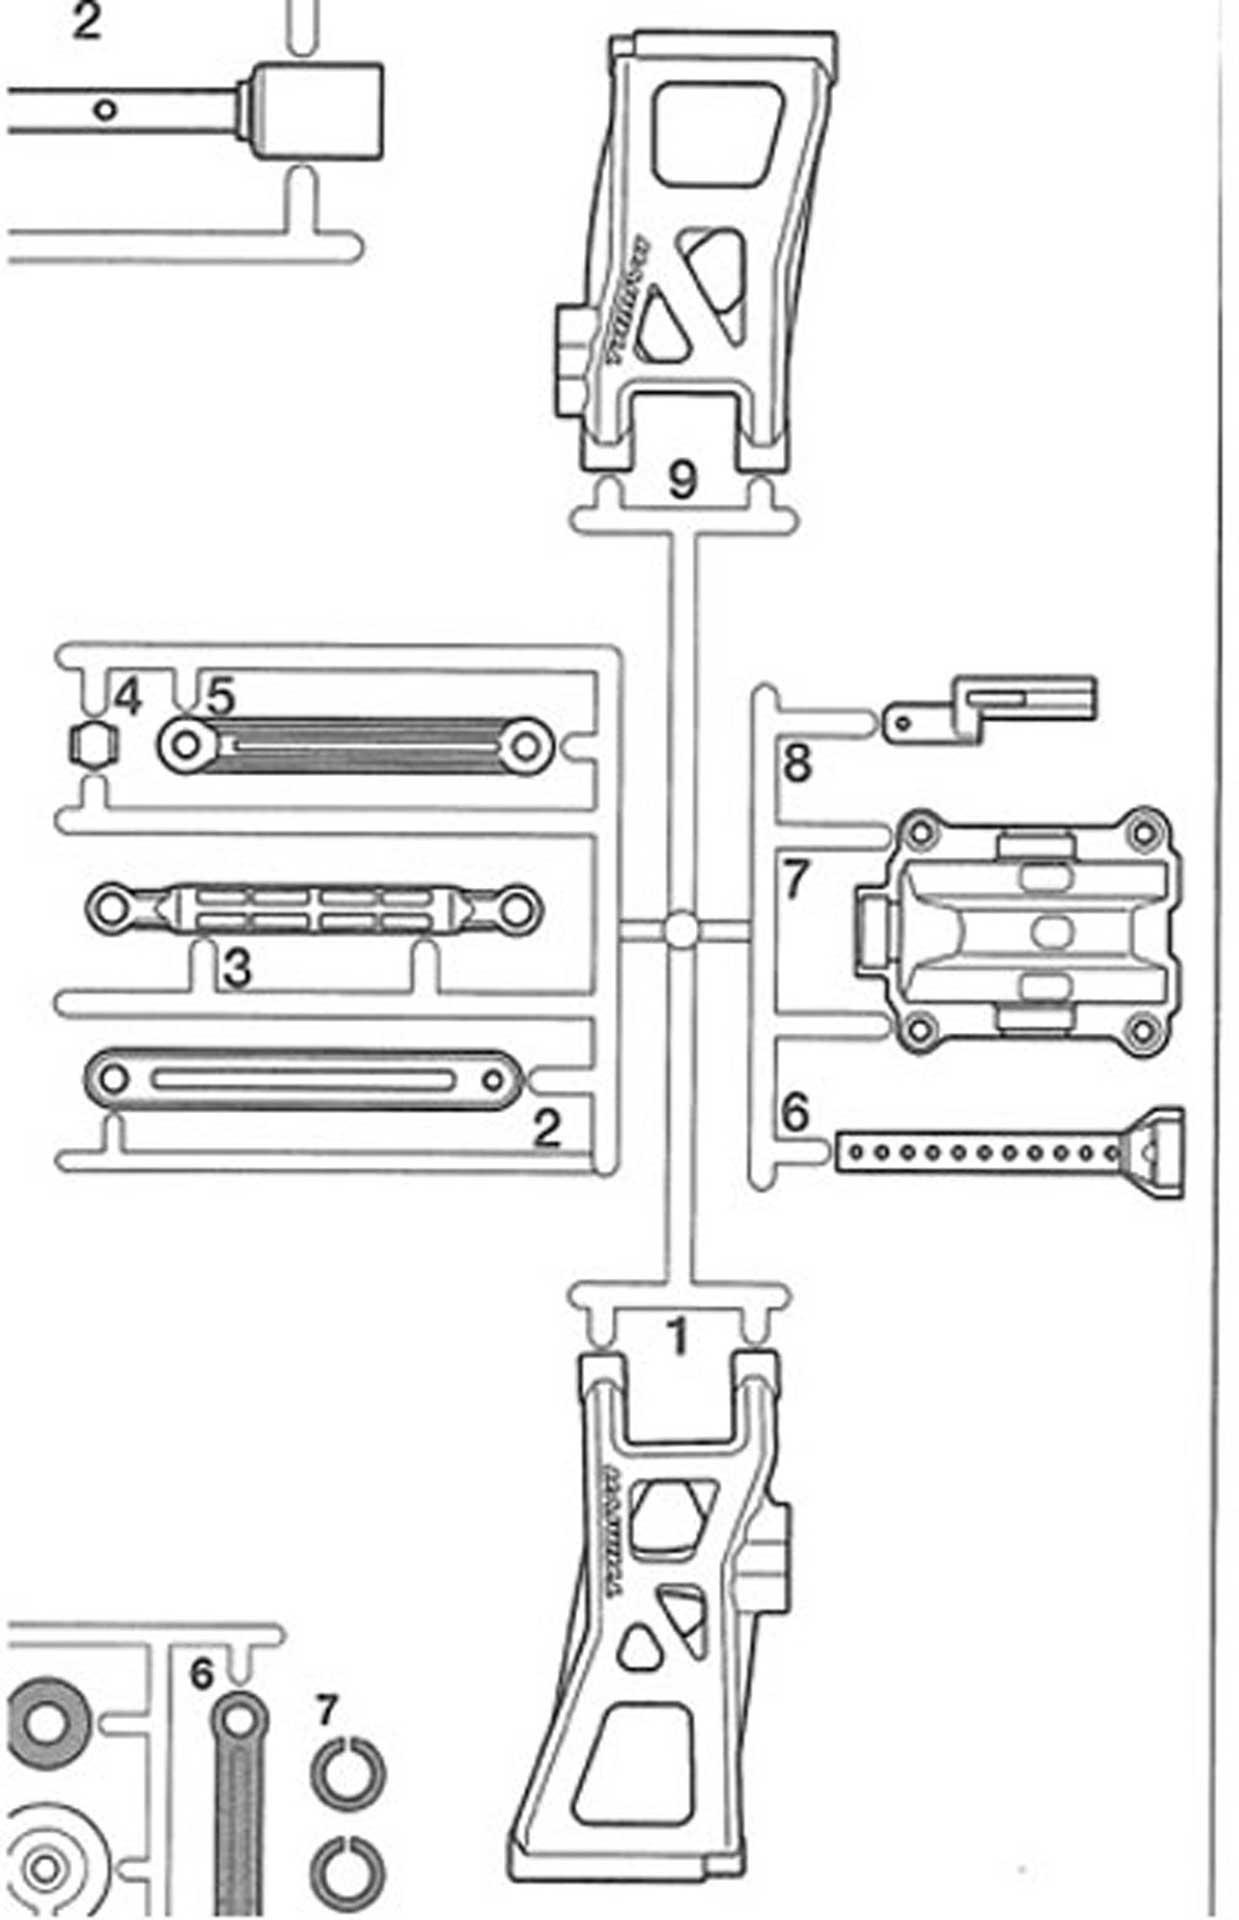 TAMIYA TT02B C-PARTS  CONTROL ARM /CAR BODY -FASTENER